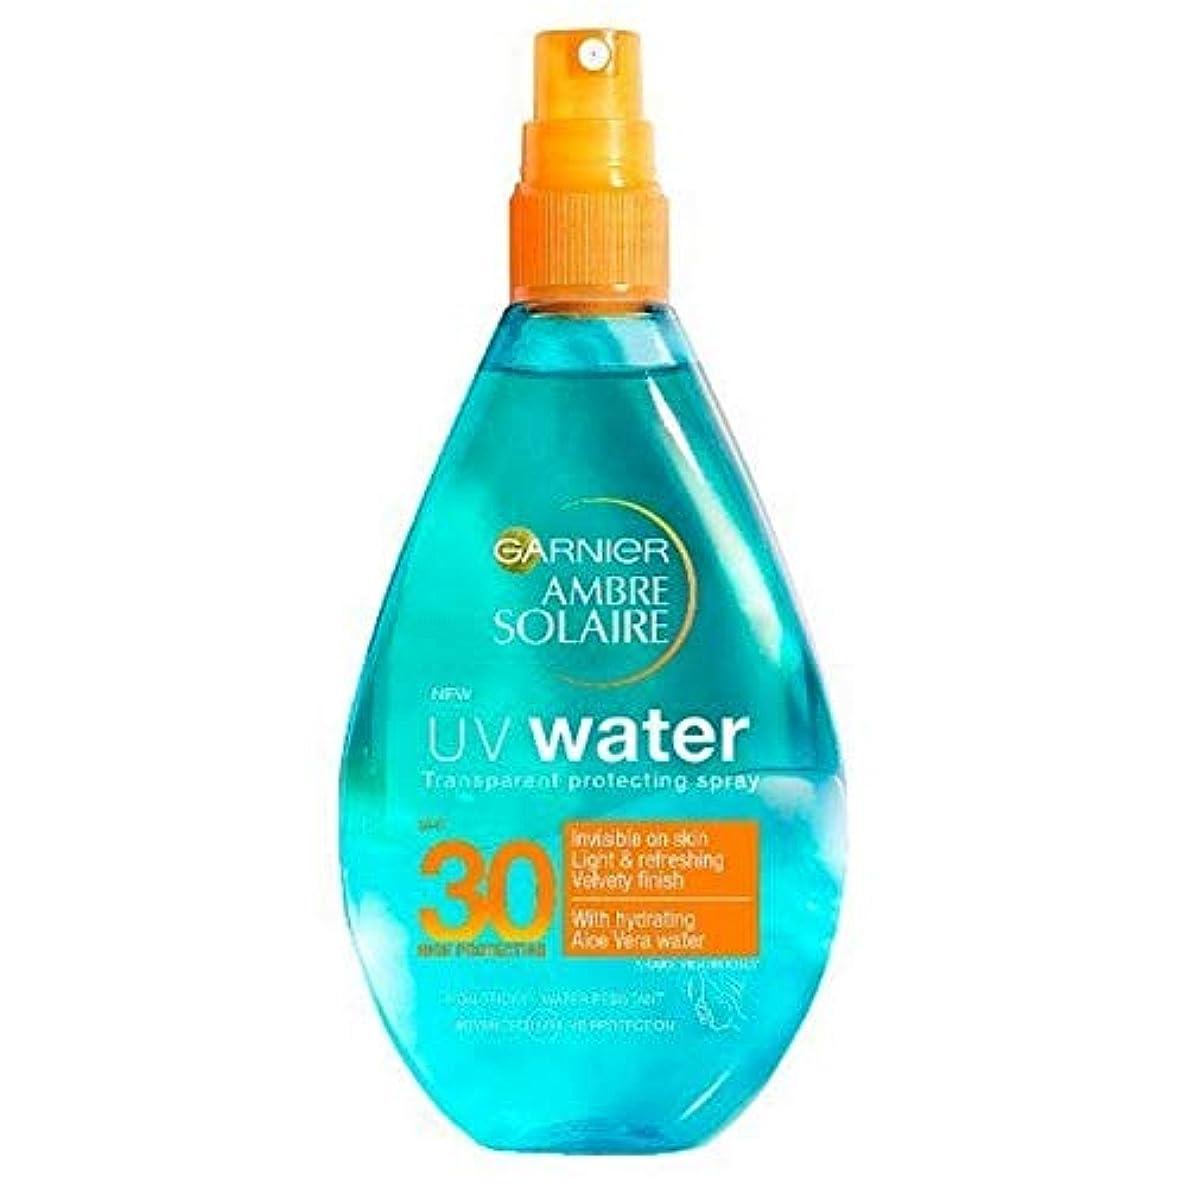 トランスミッションシリンダー芸術[Garnier ] アンブレSolaire紫外線水明確な日クリームスプレーSpf30 150ミリリットル - Ambre Solaire UV Water Clear Sun Cream Spray SPF30 150ml...